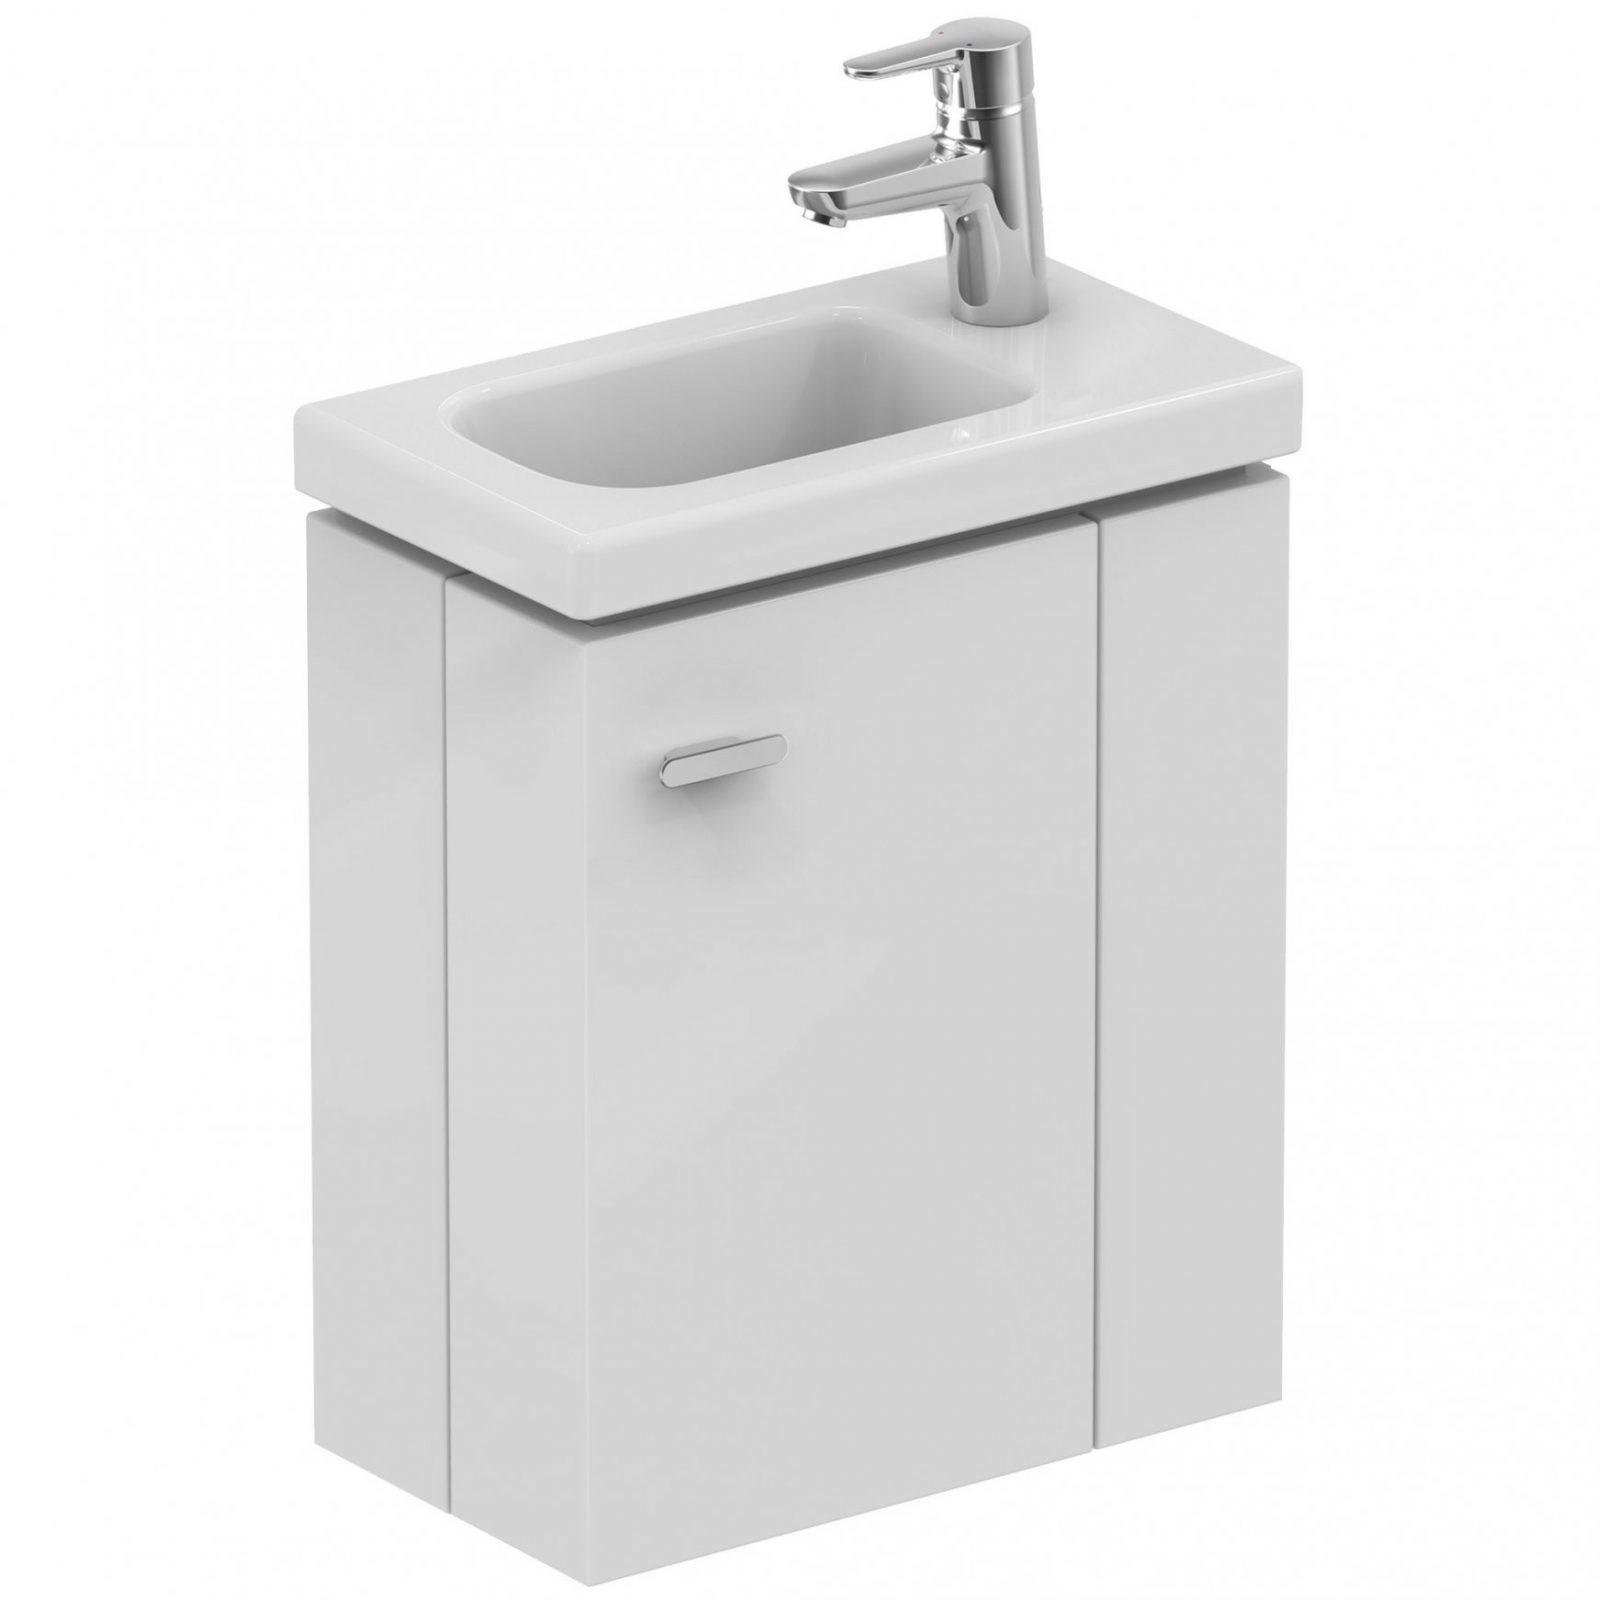 Kleine Waschbecken Mit Unterschrank Tolle Ideal Standard 75362 Haus von Waschbecken Klein Mit Unterschrank Photo